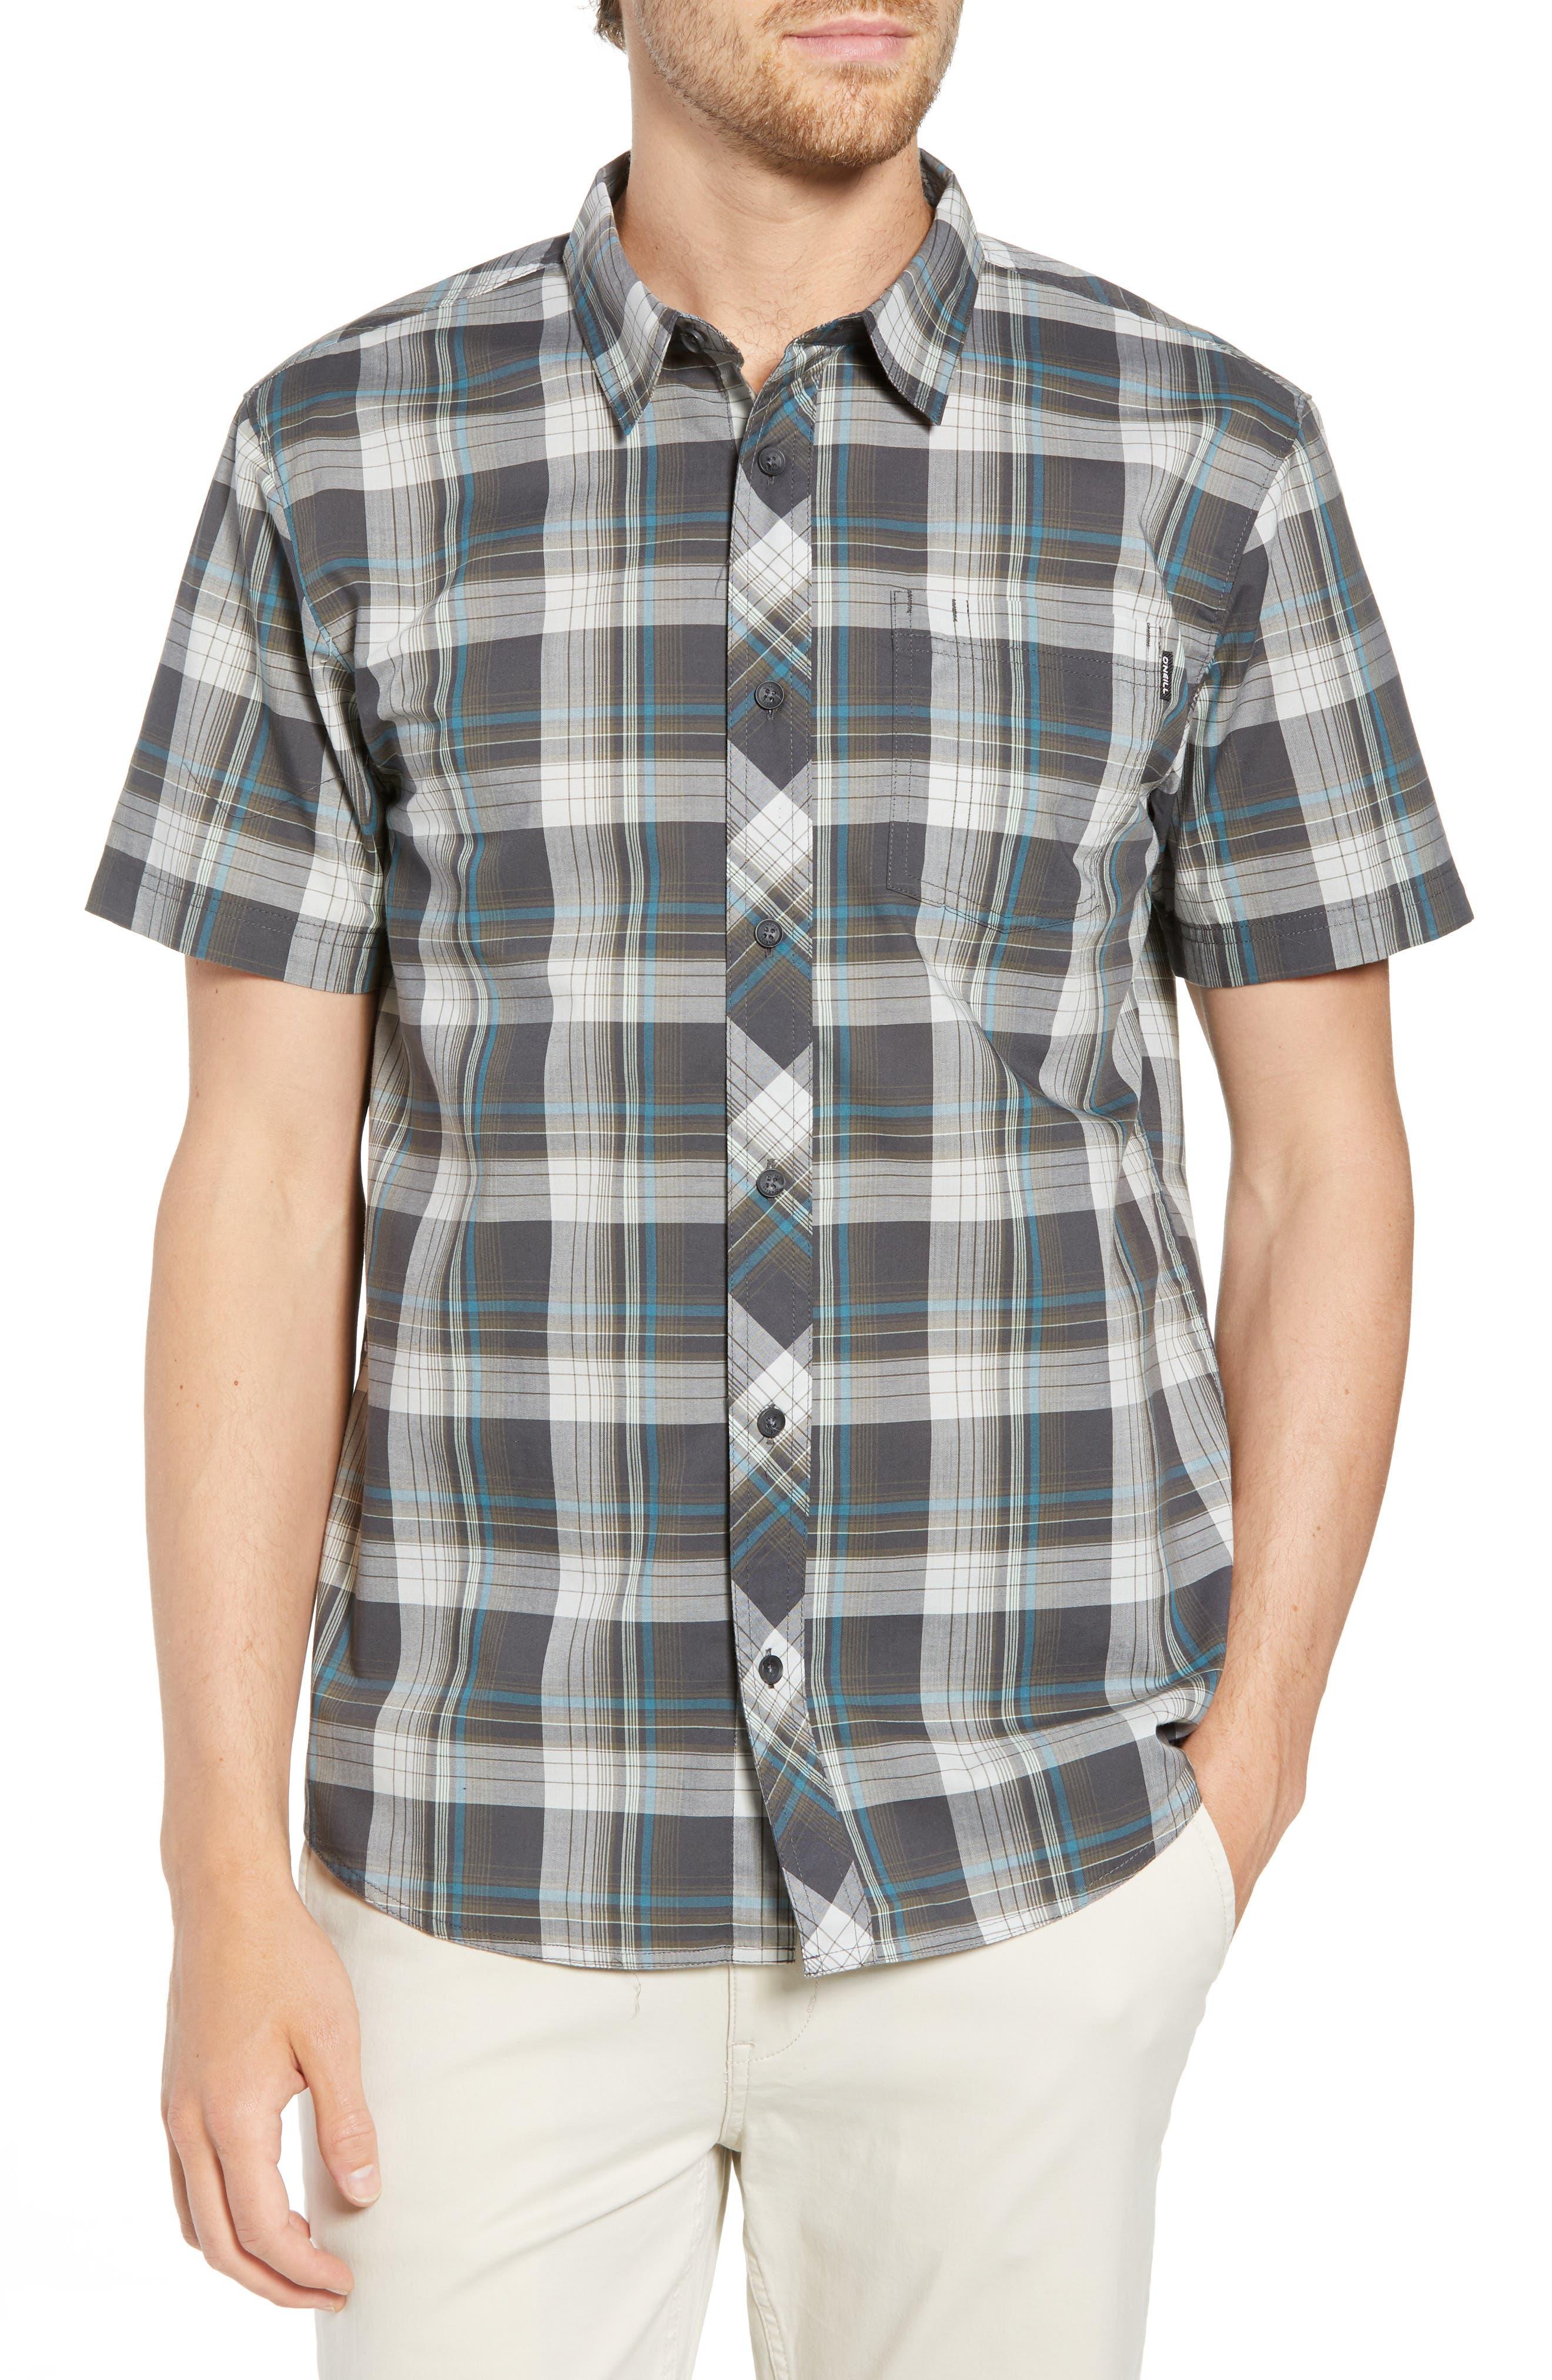 Gentry Short Sleeve Shirt,                             Main thumbnail 1, color,                             020